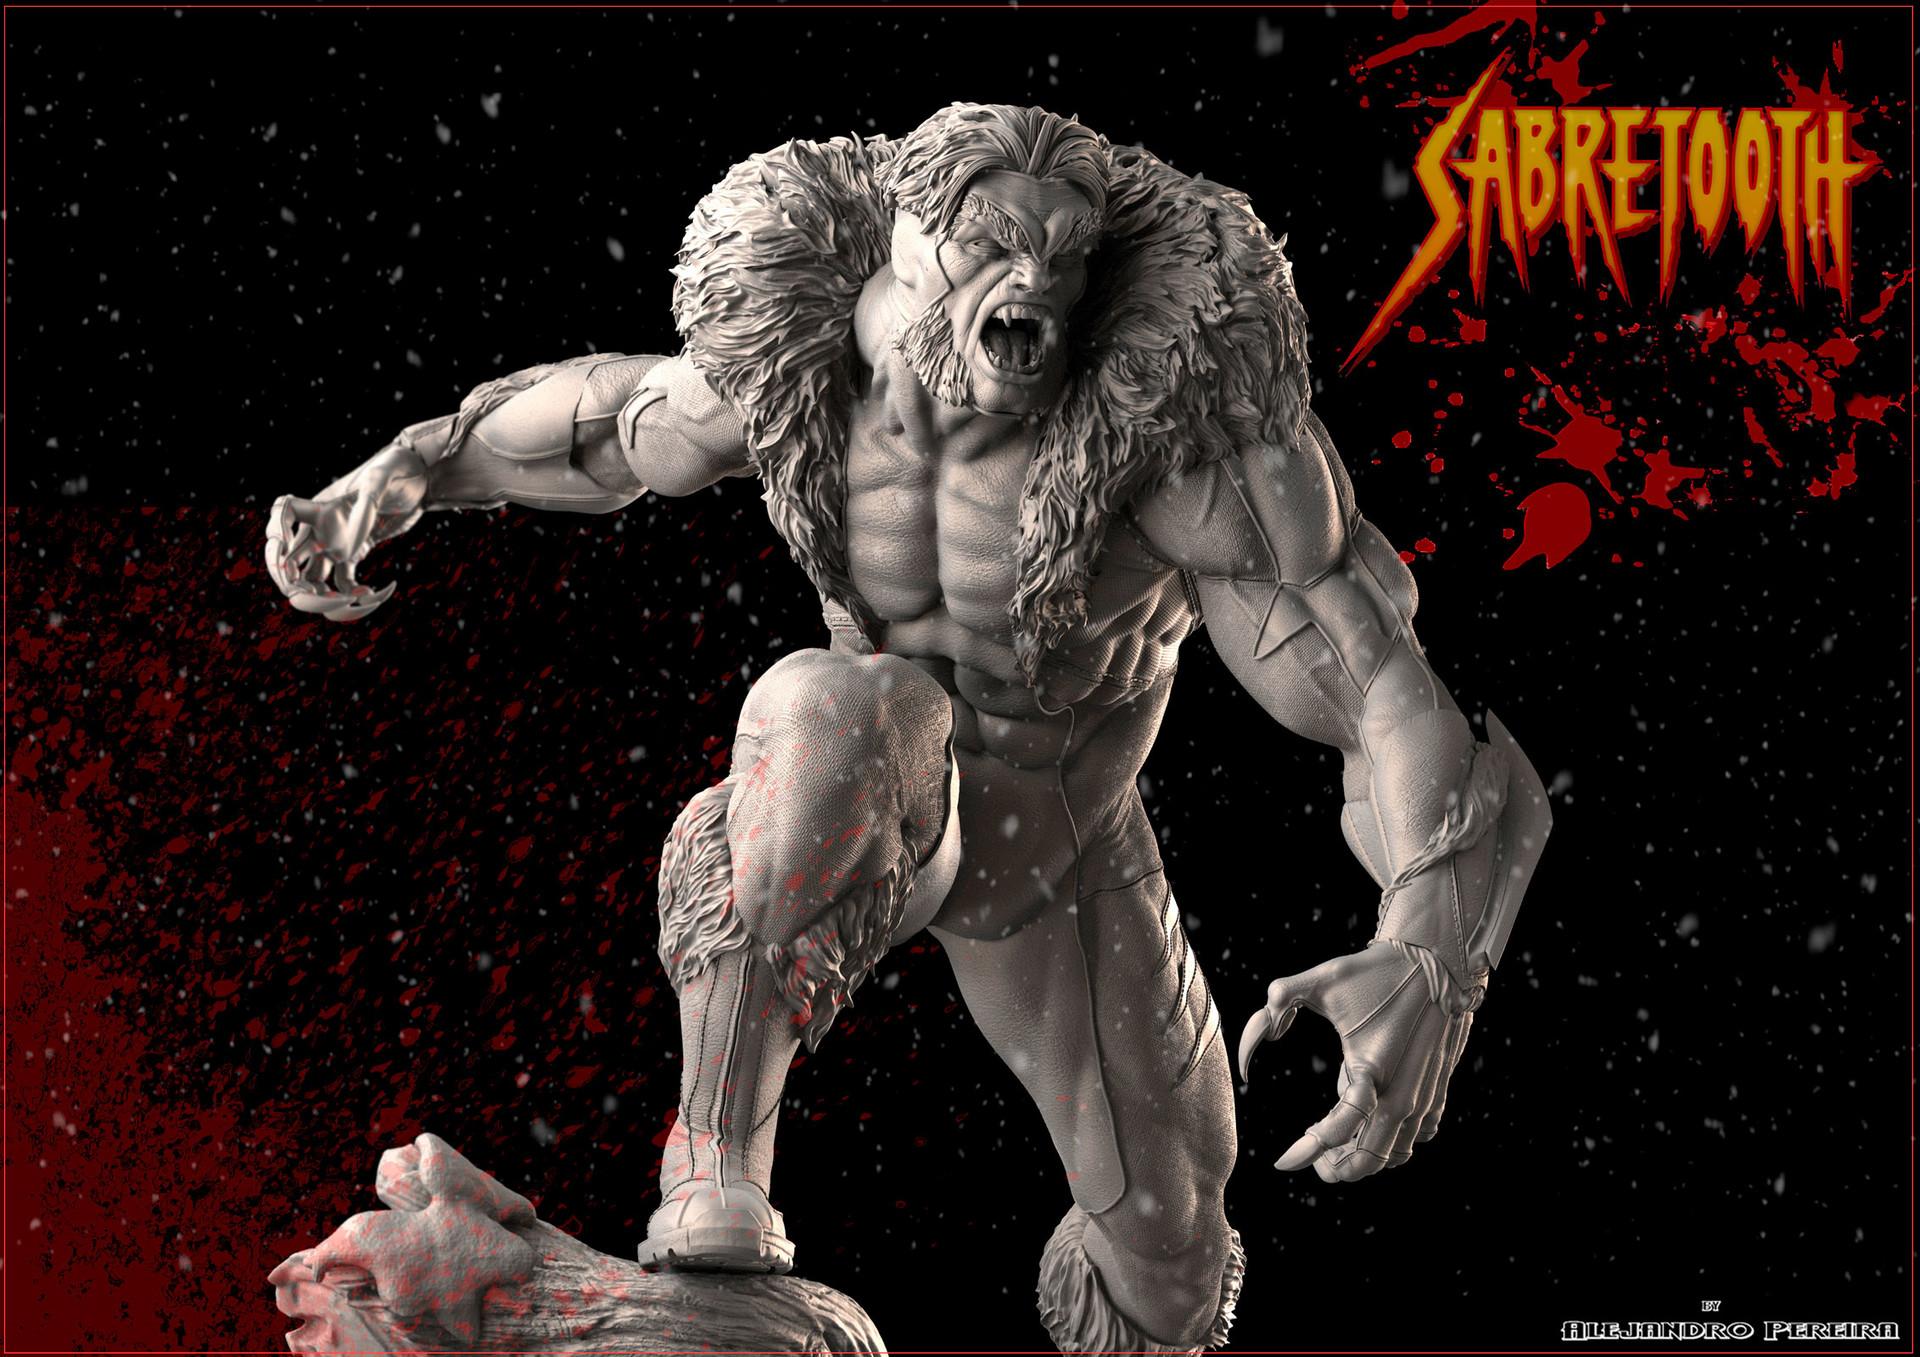 Alejandro pereira sabretooth 01